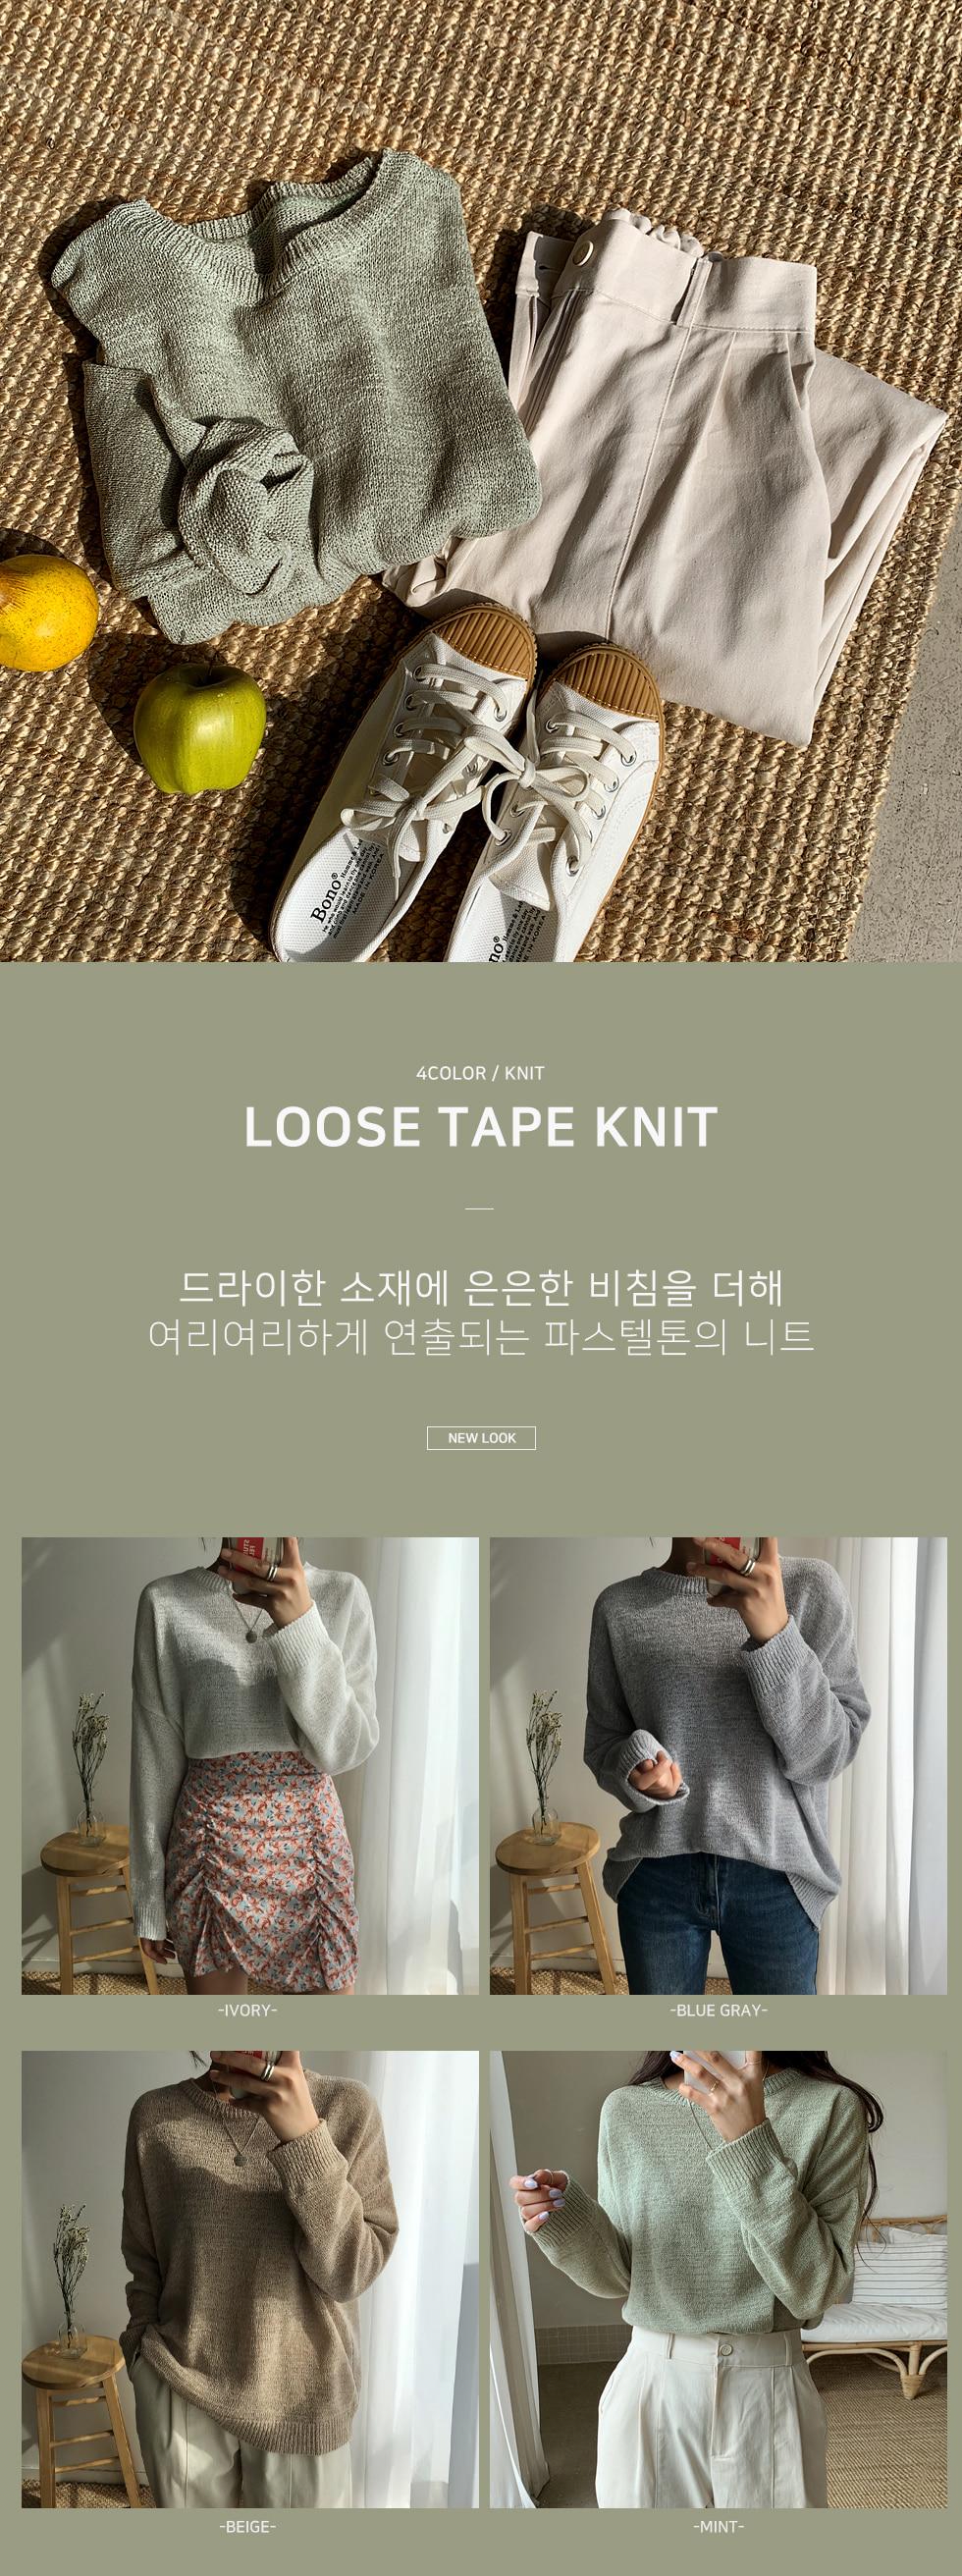 Loose Tape Knitwear